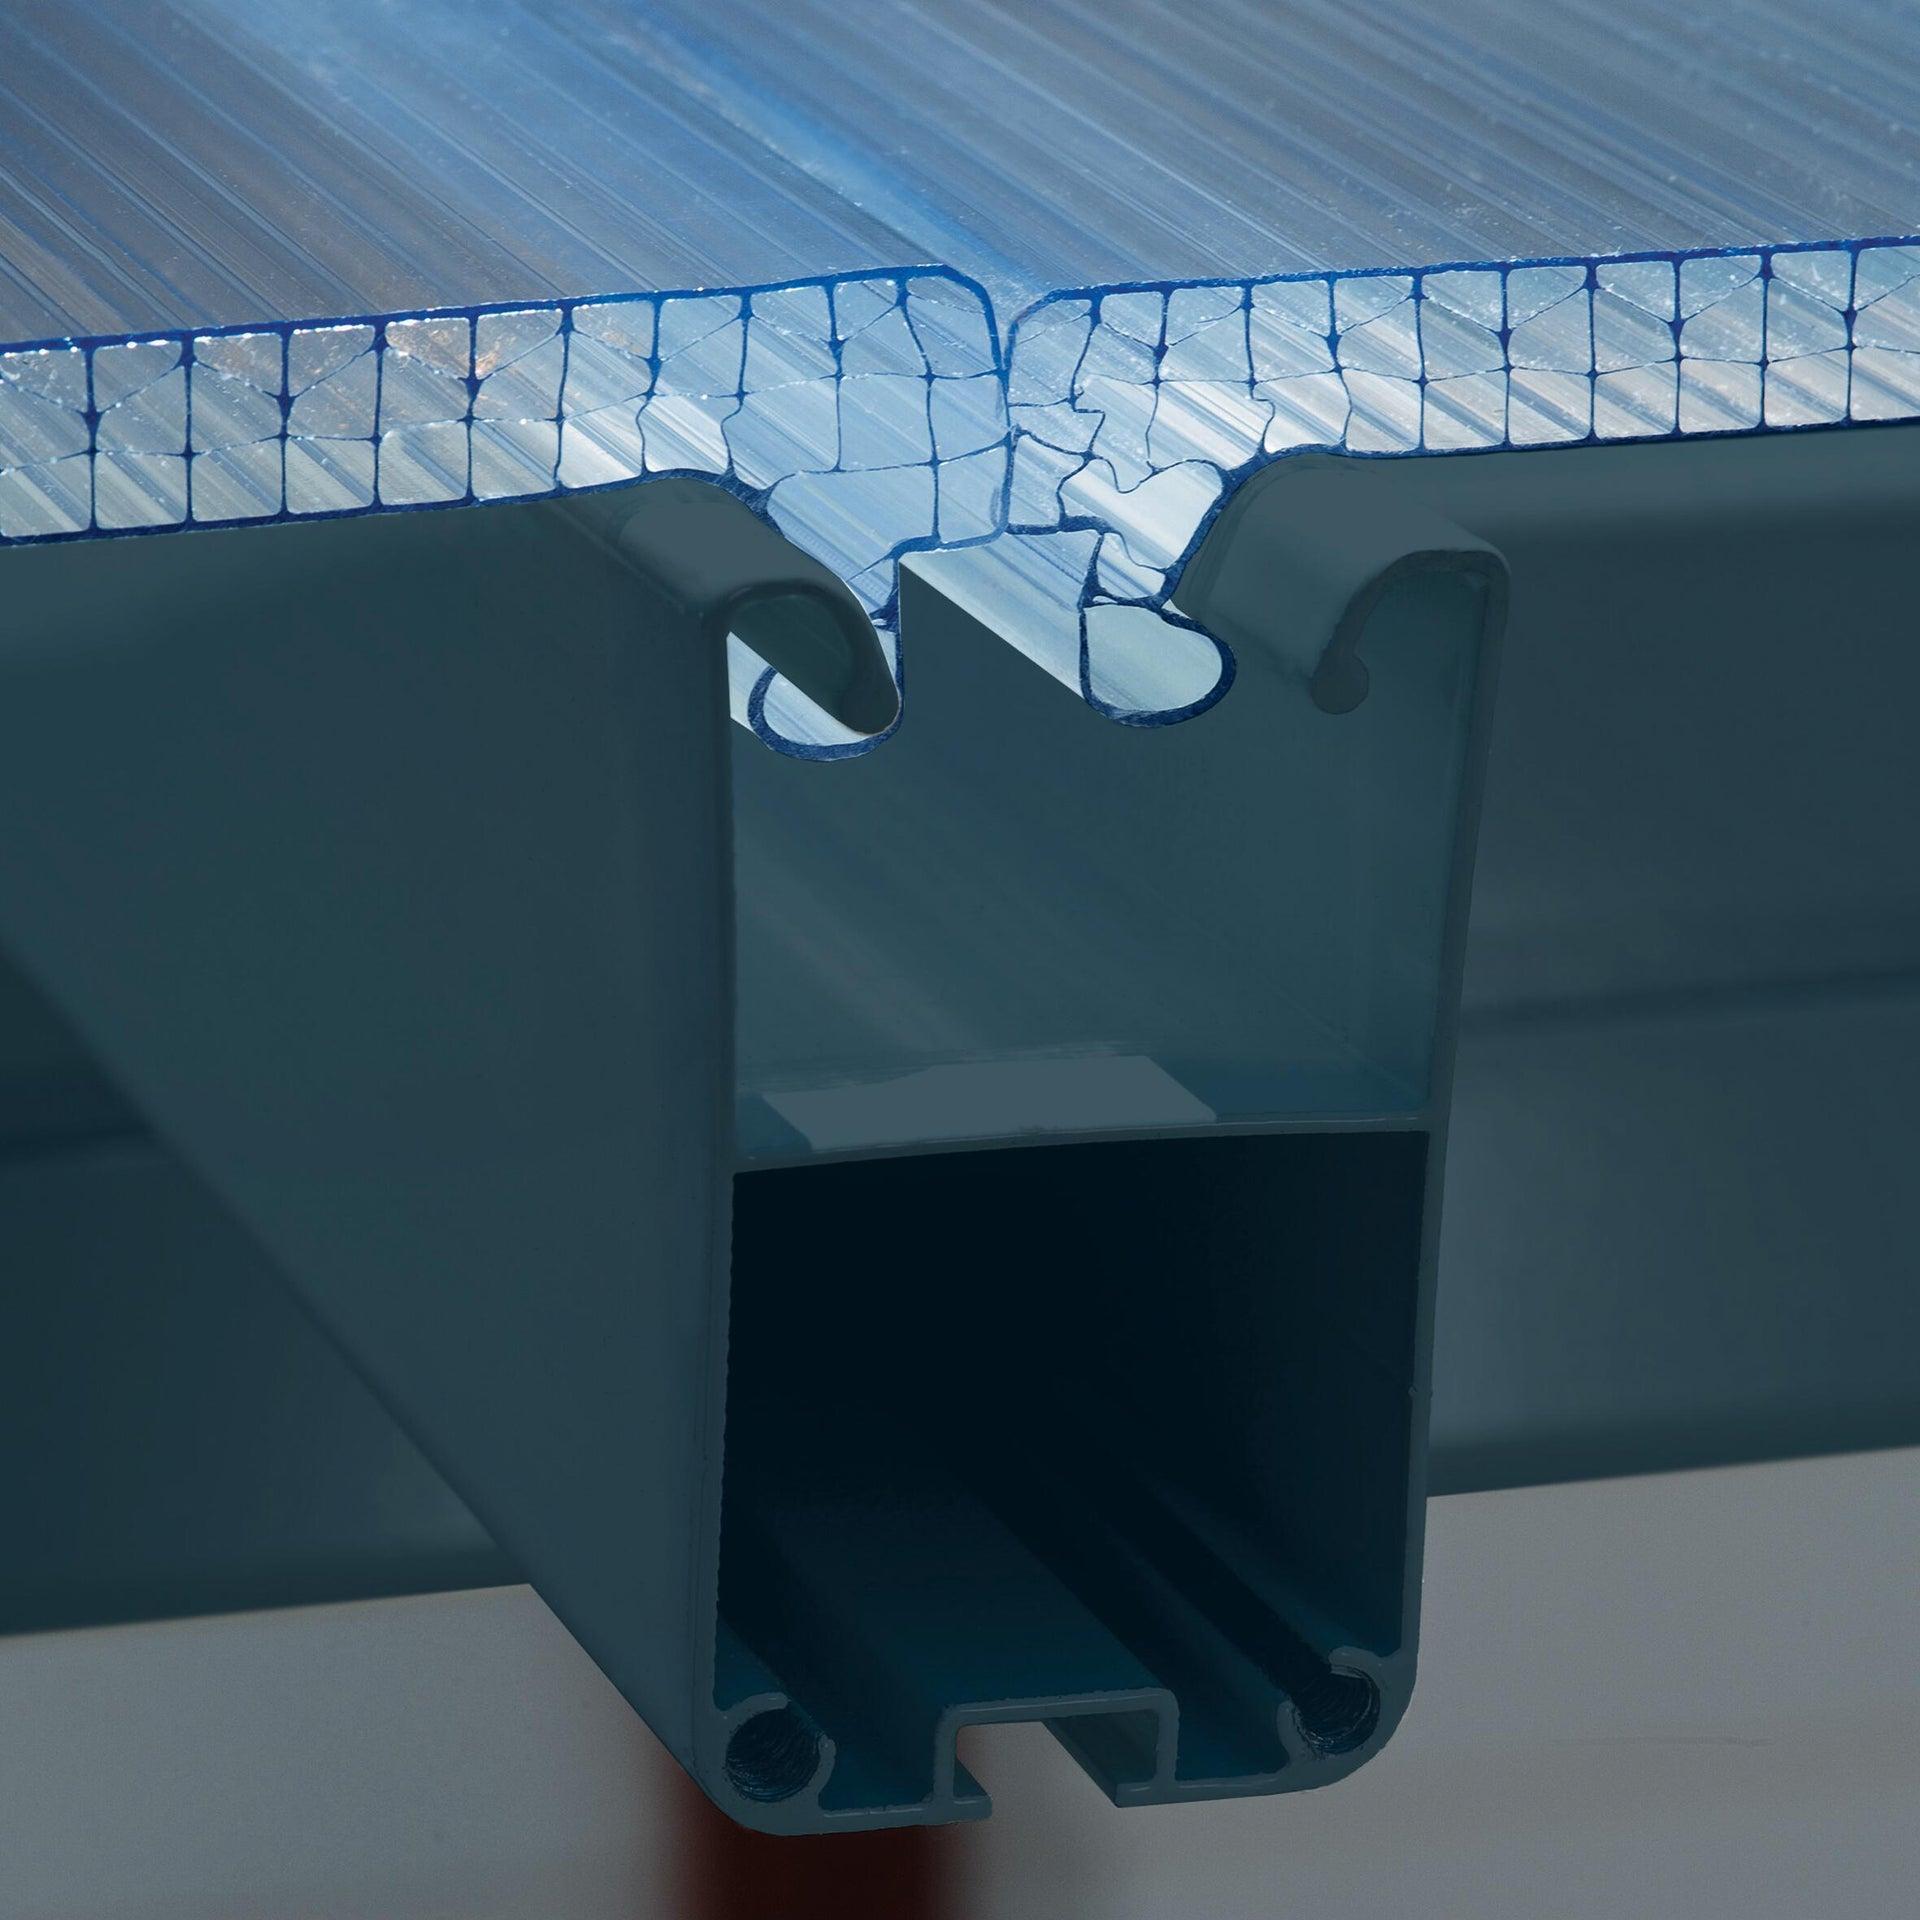 Pergola alluminio Emilia trasparente L 305 cm x P 300 cm, H 3 m - 3